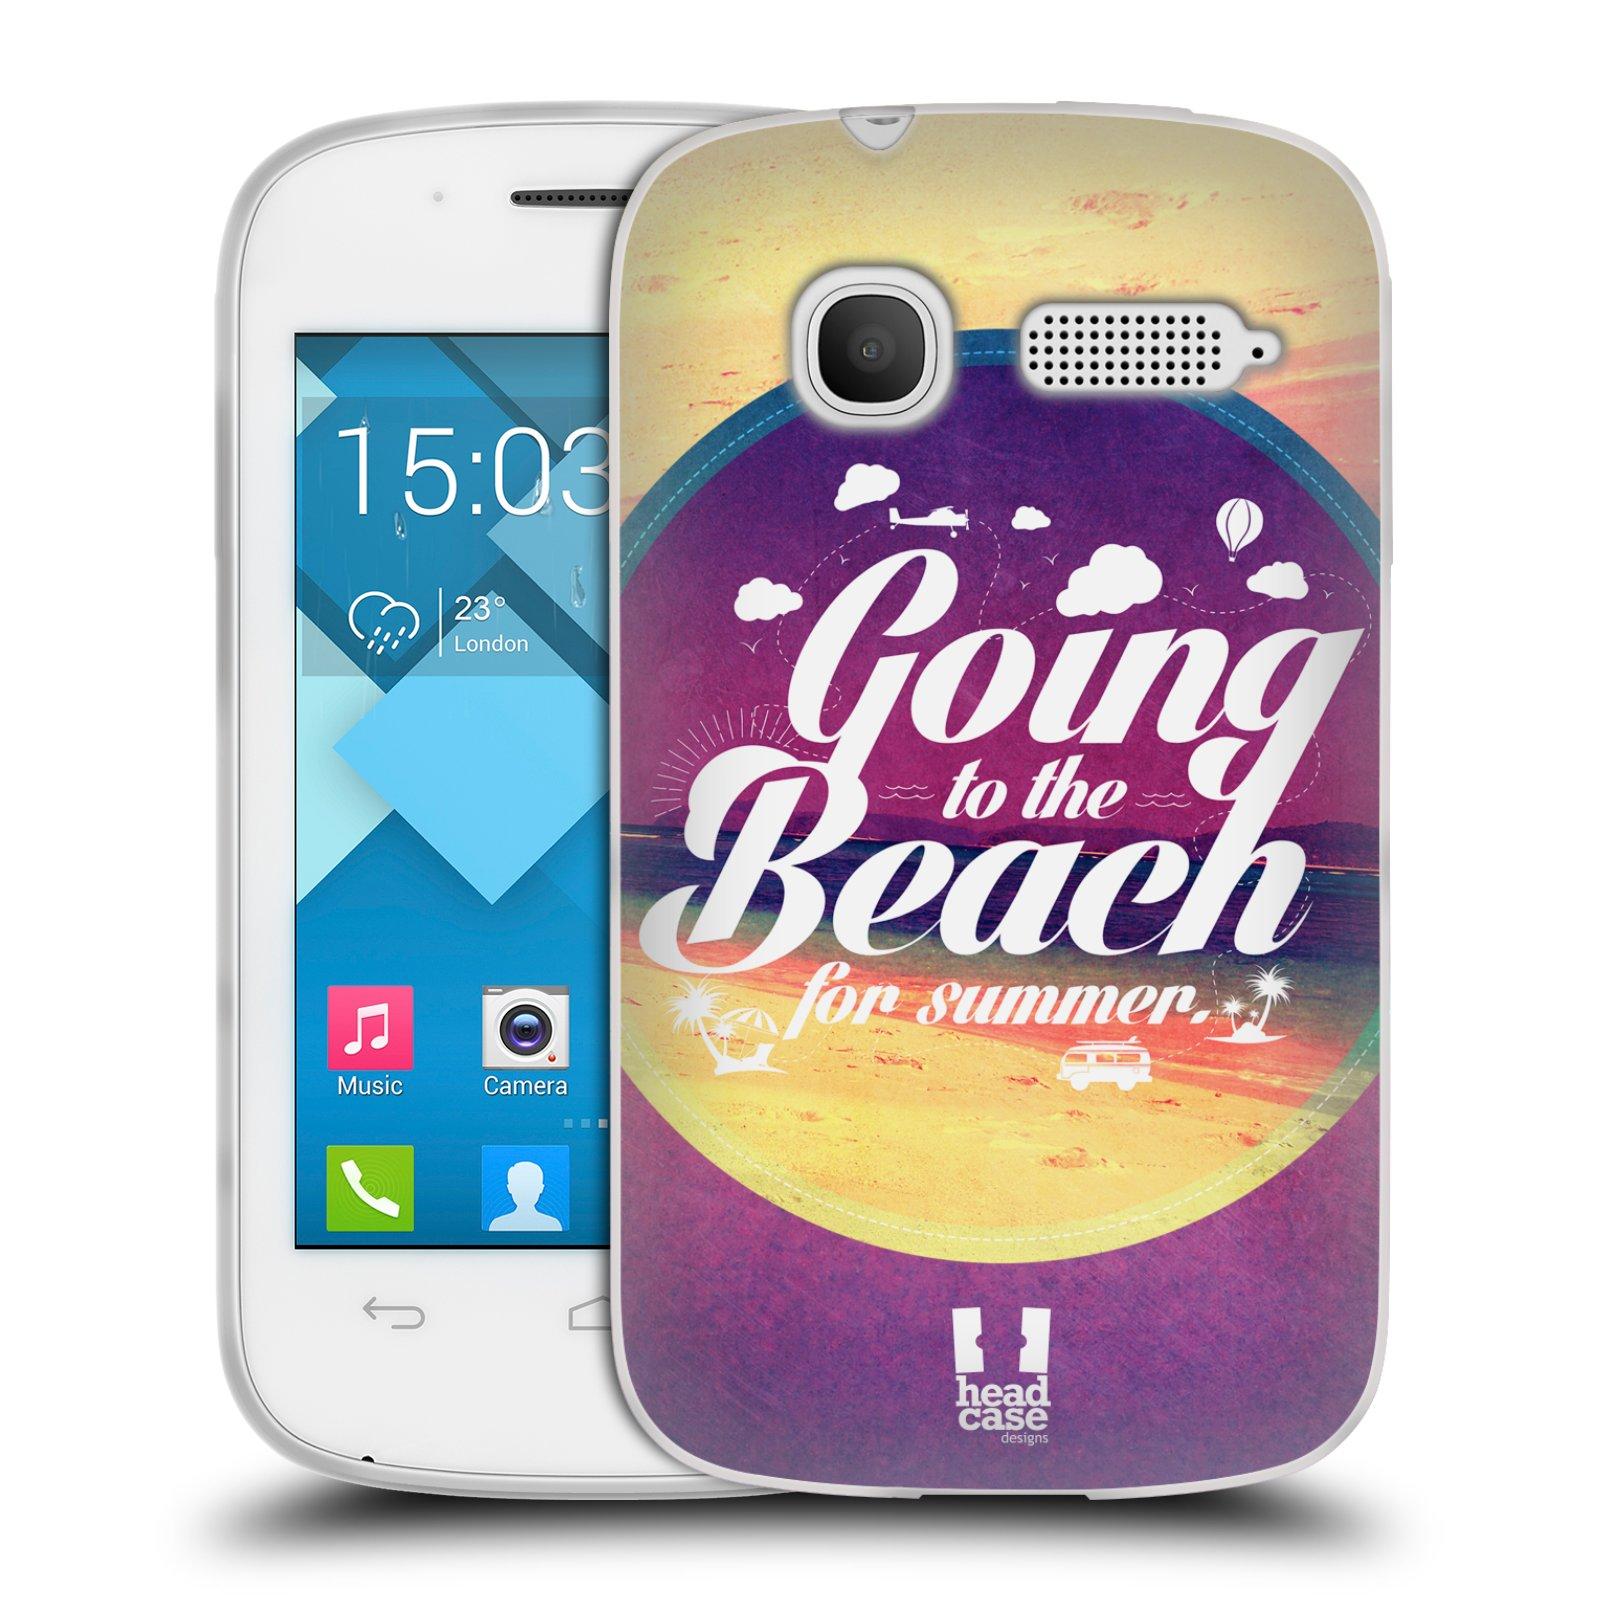 Silikonové pouzdro na mobil Alcatel One Touch Pop C1 HEAD CASE Léto na pláži (Silikonový kryt či obal na mobilní telefon Alcatel OT-4015D POP C1)